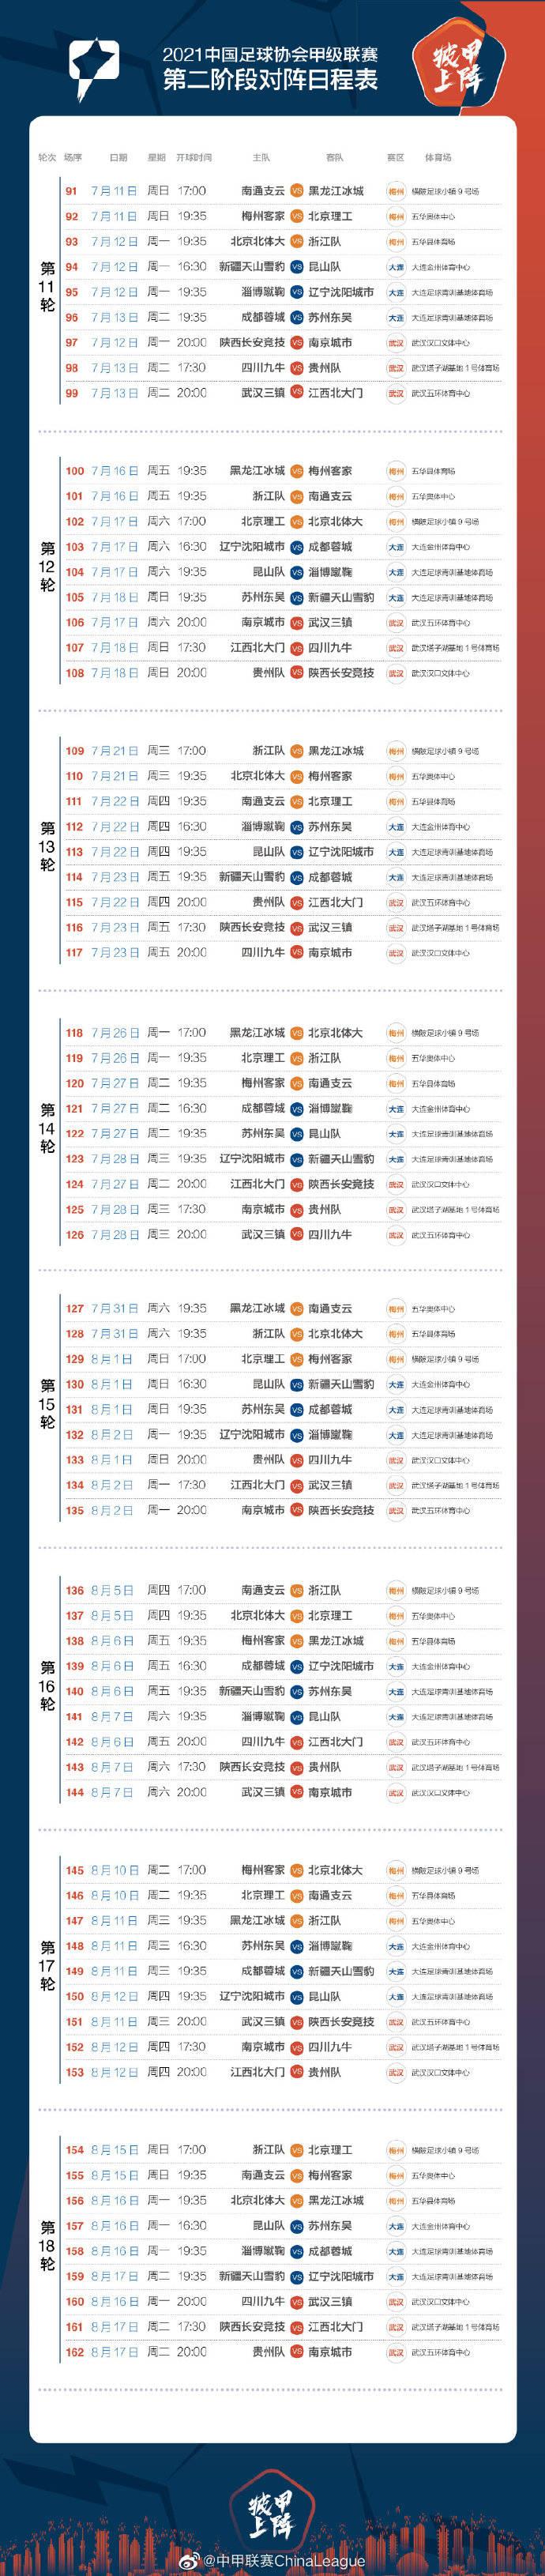 中甲第二阶段赛程公布:7月11日开赛 8月17日结束